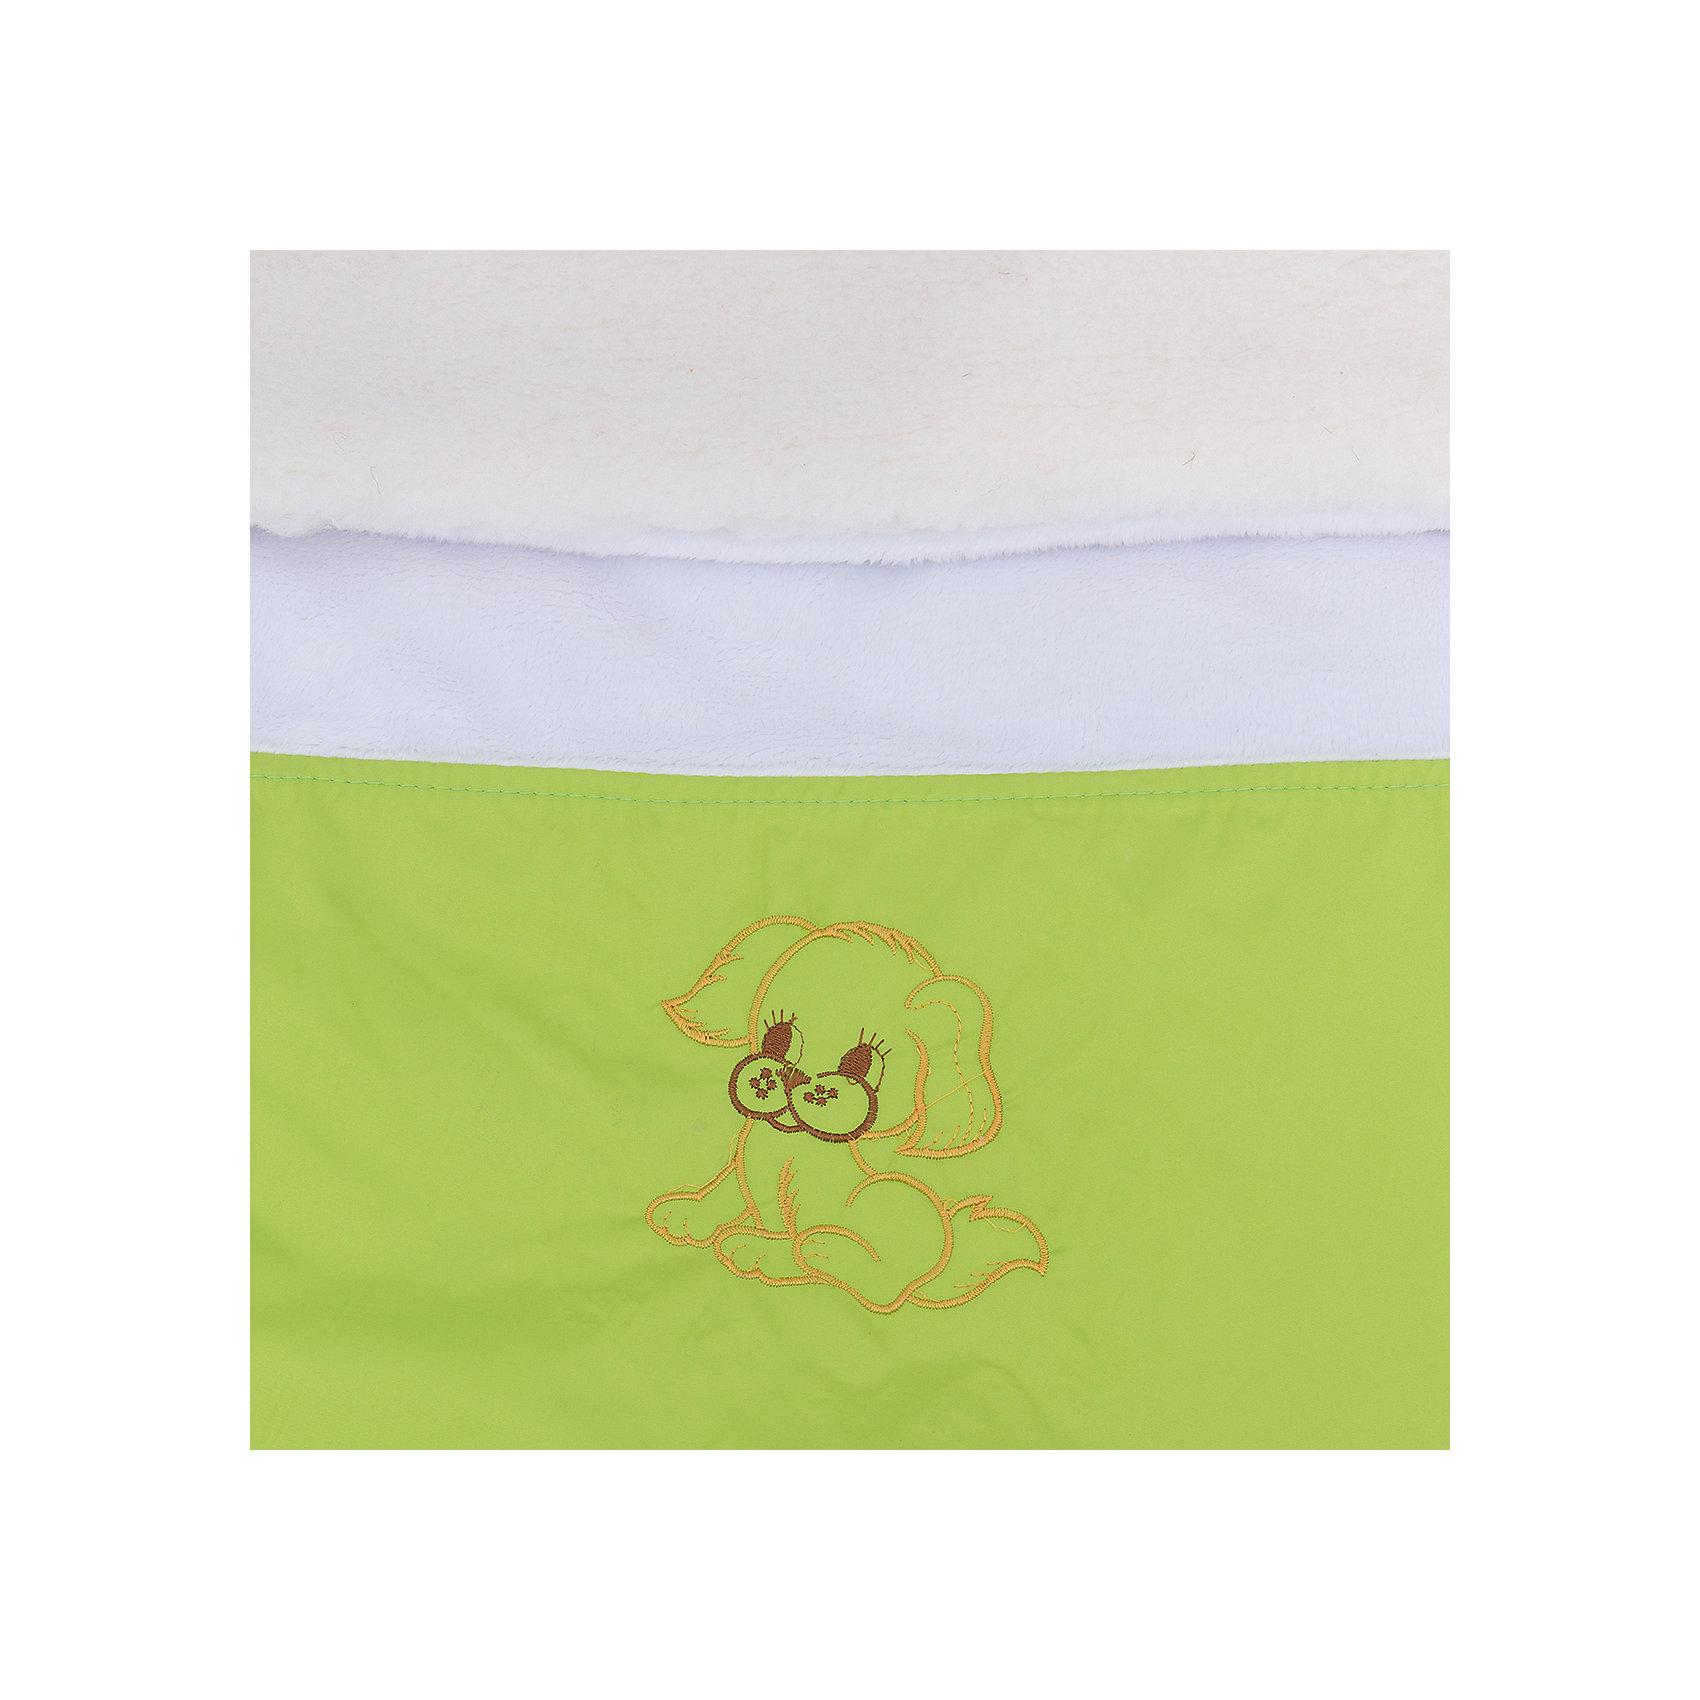 Меховой конверт Ладушка, Топотушки, зеленый